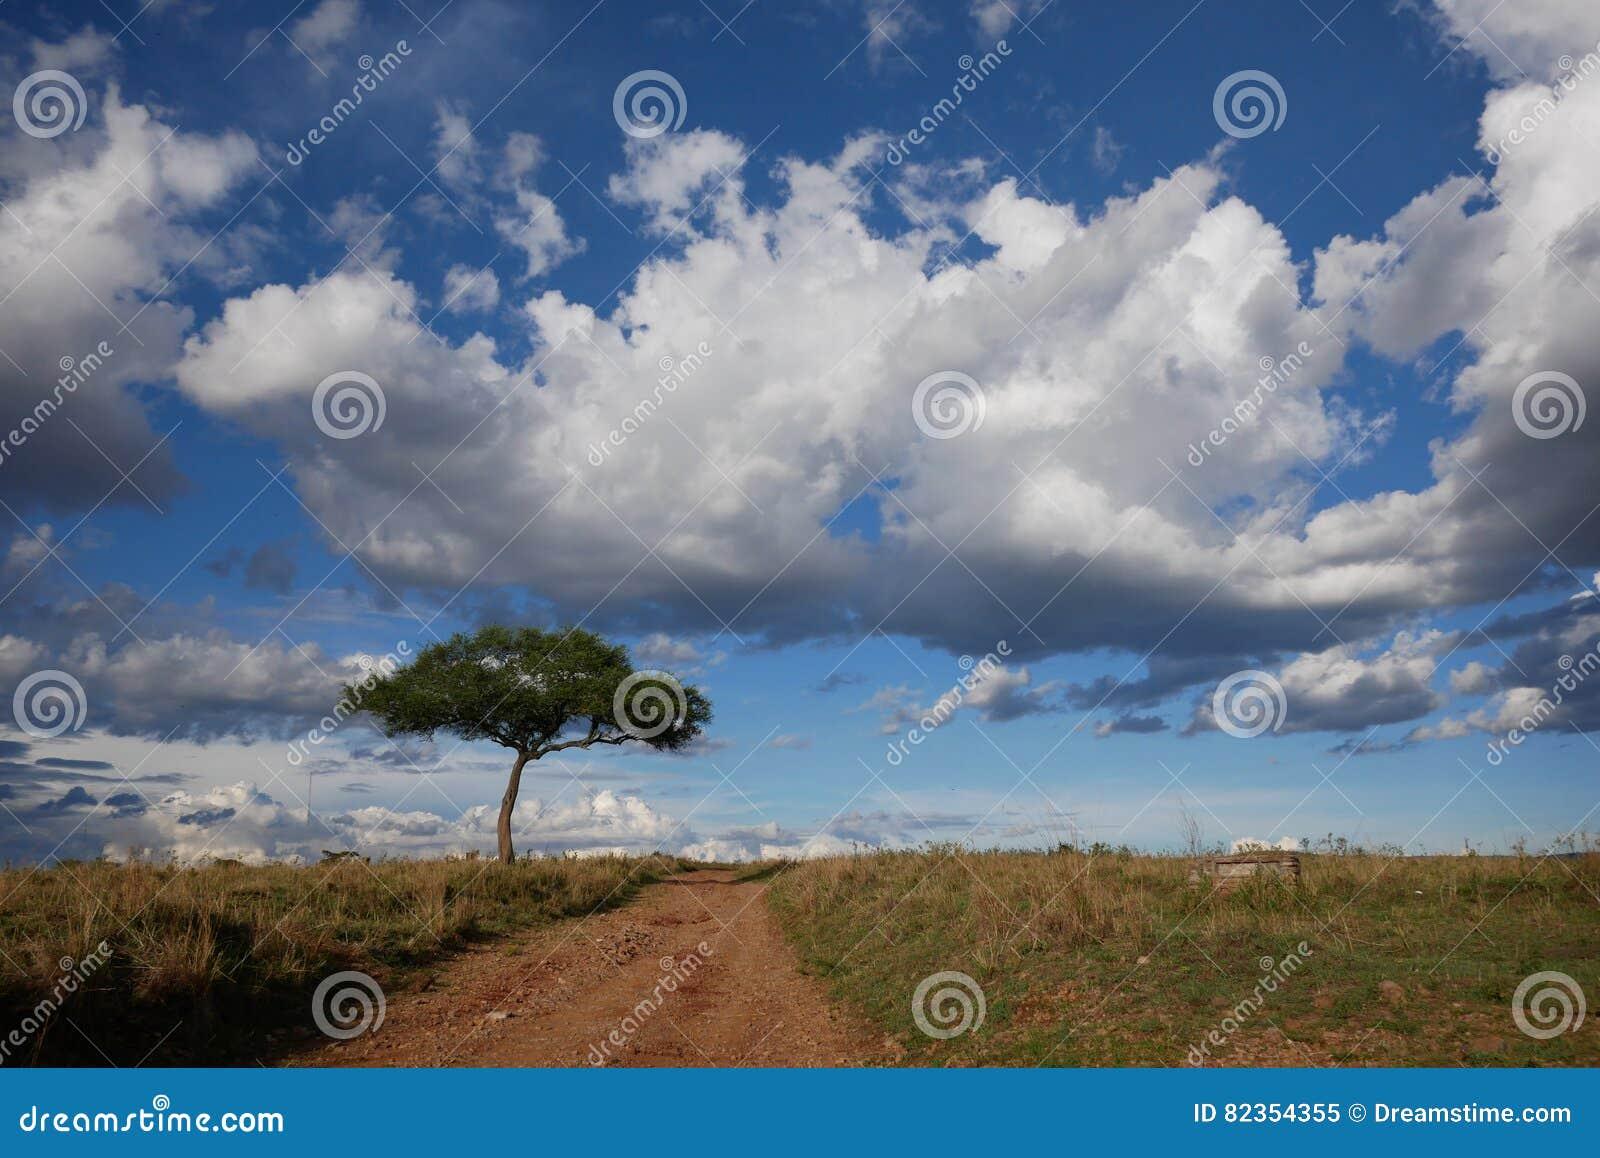 孤立树和多云天空2